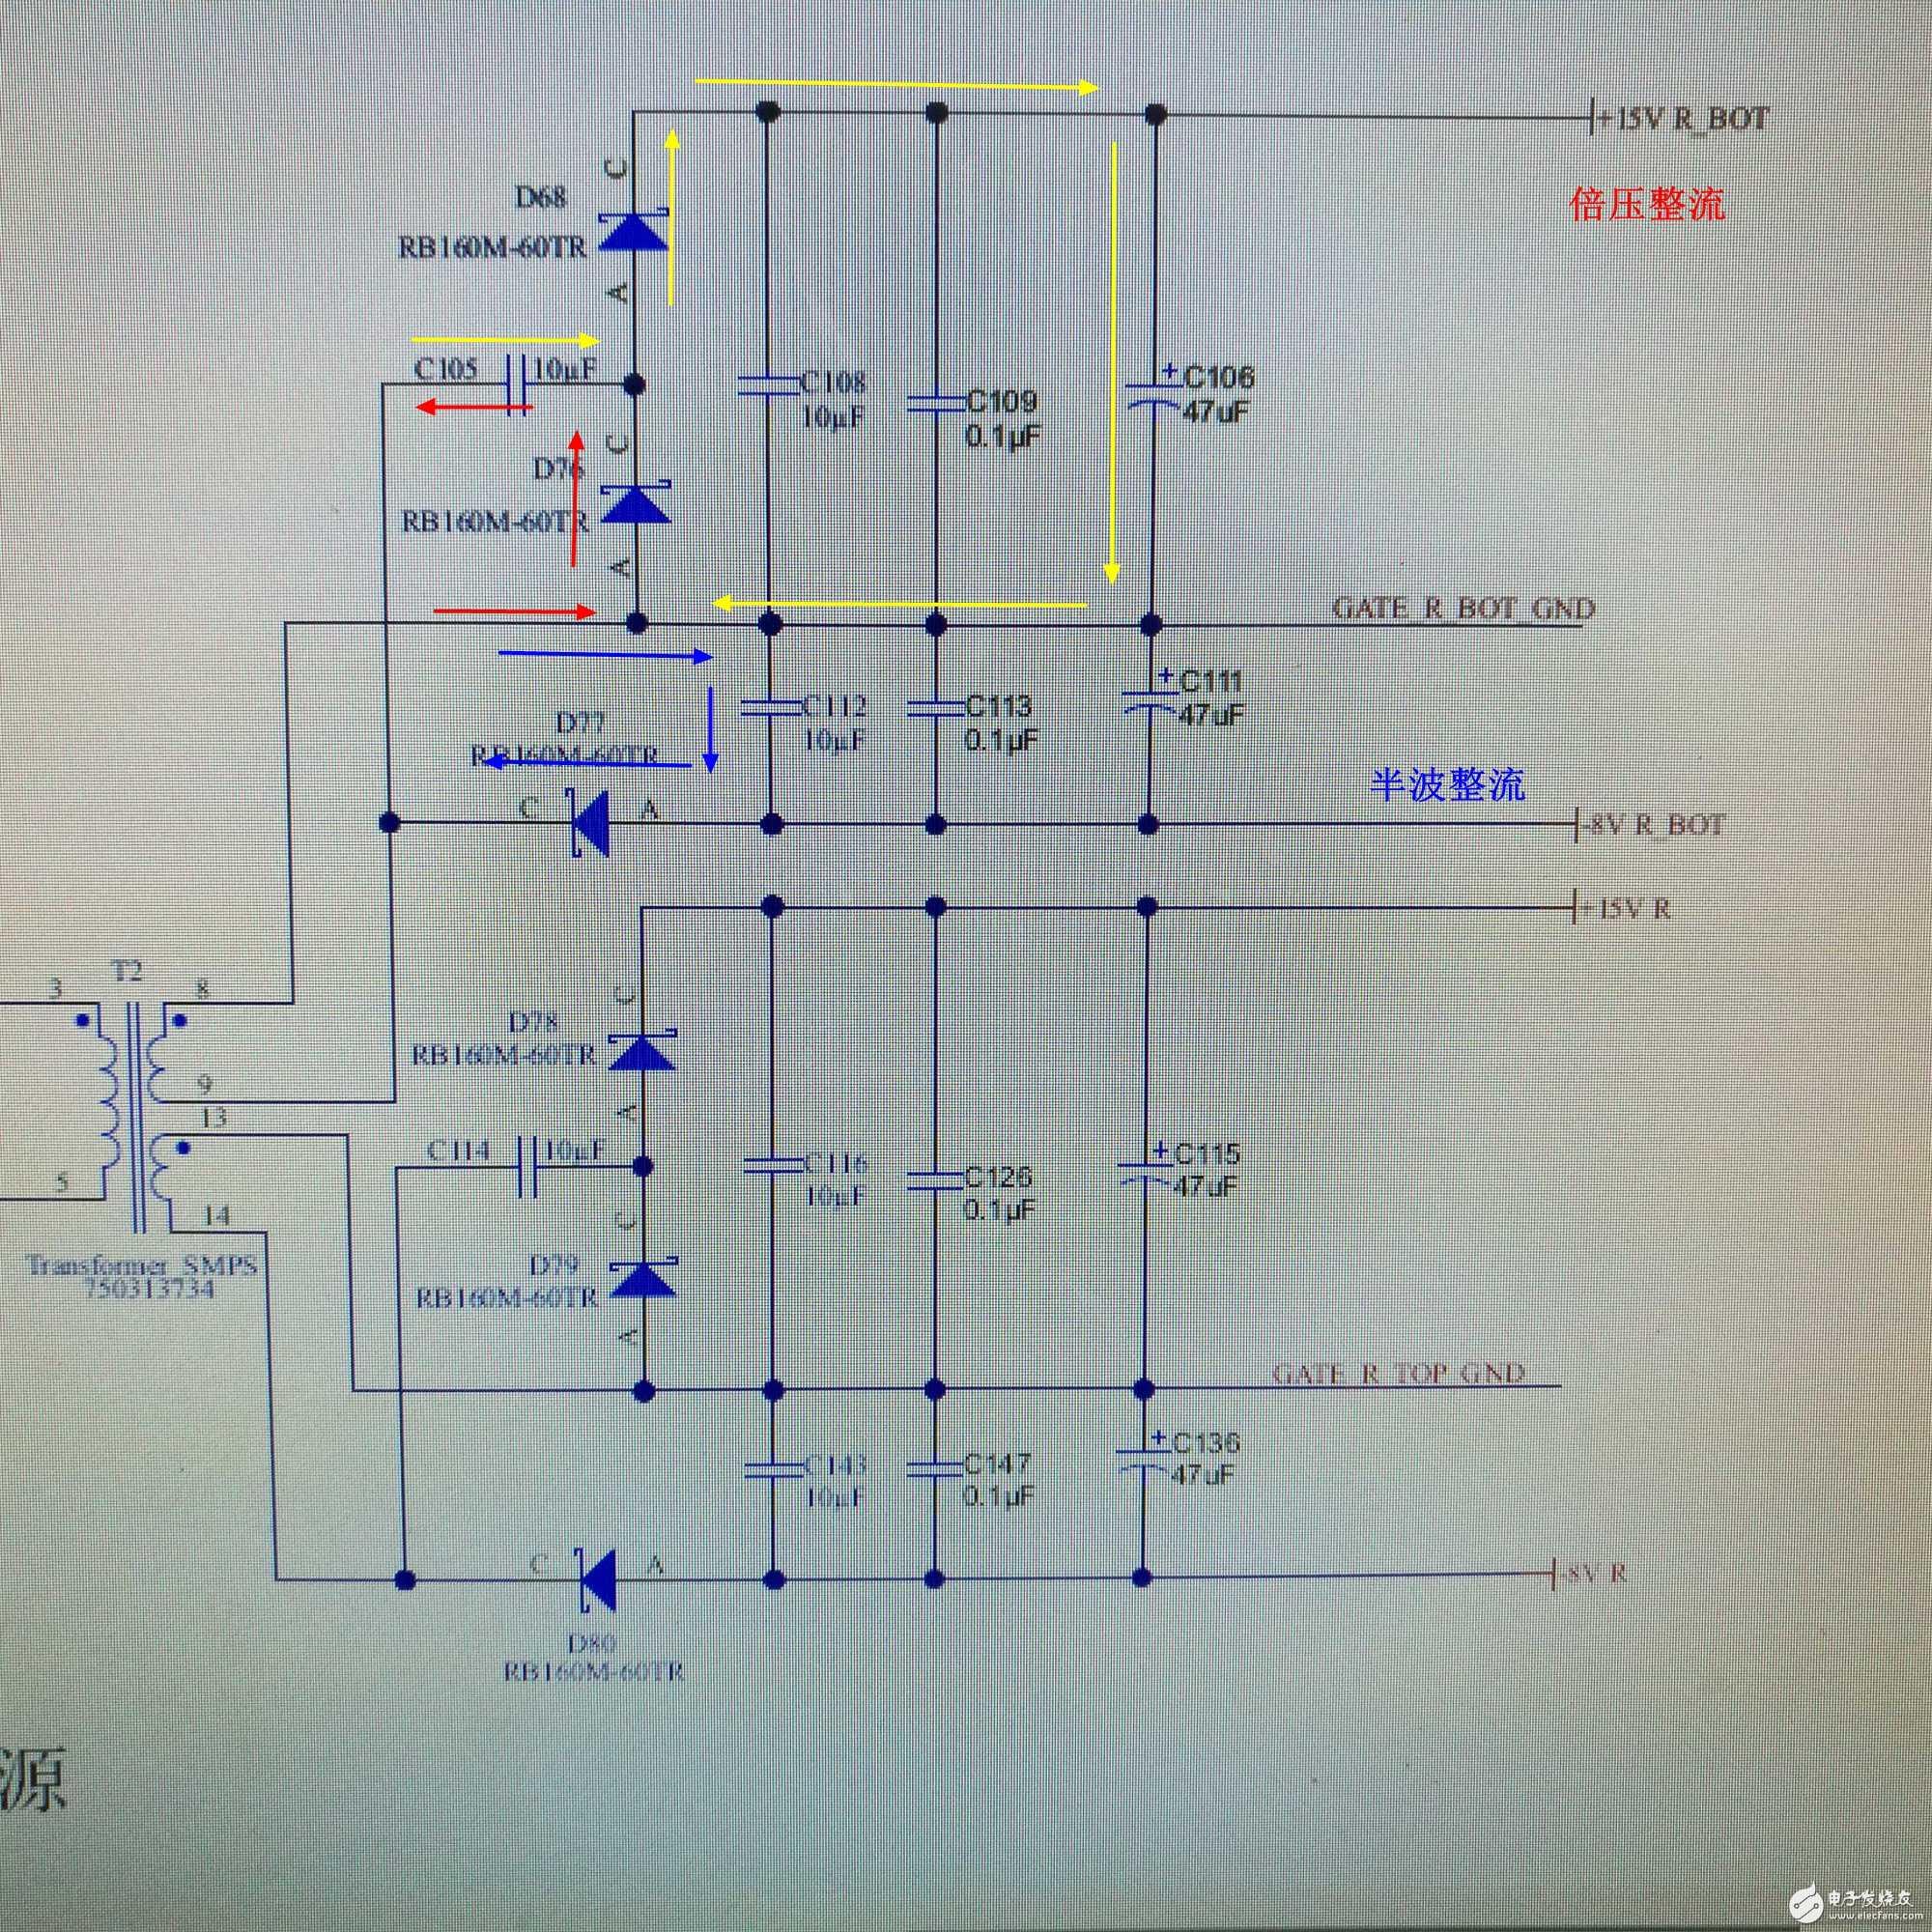 【不懂就问】 下图中,软件画的那张图中,设计资料中说倍压器将次级绕组产生的8v变成十六伏特 那么图中右边的电路就应该是倍压电路了,但是自己搜索到的倍压电路是手绘的那张图中的两个电路 那软件画的那张图变压器二次侧是倍压电路吗?